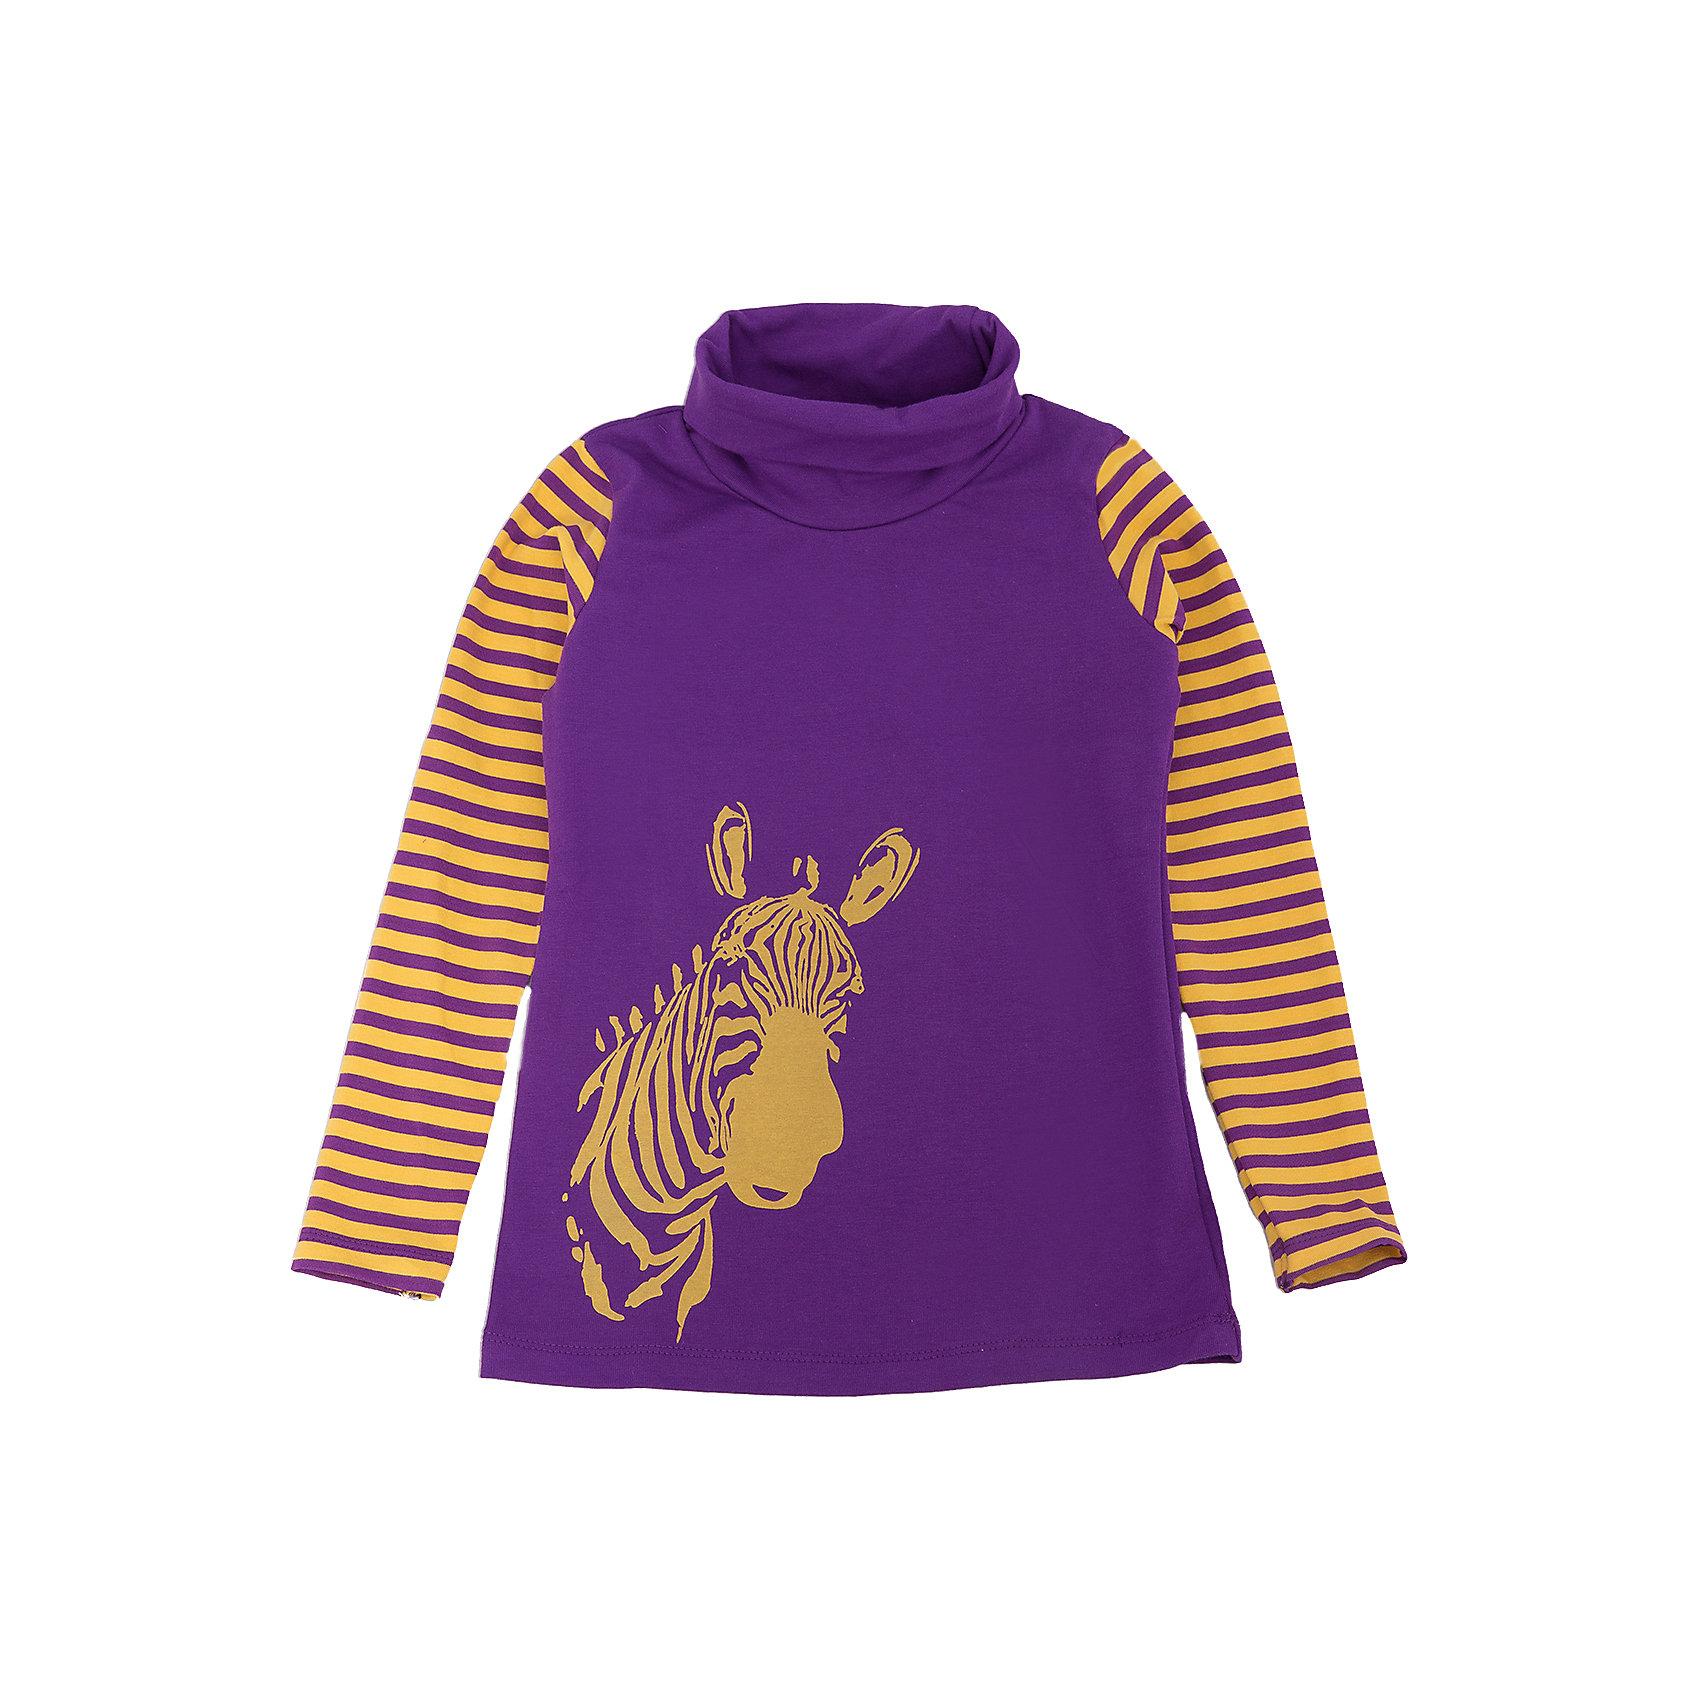 Джемпер для девочки DAUBERДжемпер для девочки DAUBER<br><br>Характеристики:<br><br>• Состав: 95%хлопок, 5% лайкра.<br>• Цвет: фиолетовый.<br>• Материал: трикотаж.<br><br>Джемпер для девочки от российского бренда DAUBER.<br>Модный трикотажный джемпер фиолетового цвета выполнен из хлопкового трикотажа. Джемпер украшен оригинальным желтым принтом в виде головы зебры и полосками на рукавах. Данная модель имеет высокую горловину. В таком джемпере ваша девочка будет чувствовать себя комфортно и уютно как дома, так и на улице.<br><br>Джемпер для девочки DAUBER, можно купить в нашем интернет - магазине.<br><br>Ширина мм: 190<br>Глубина мм: 74<br>Высота мм: 229<br>Вес г: 236<br>Цвет: фиолетовый<br>Возраст от месяцев: 60<br>Возраст до месяцев: 72<br>Пол: Женский<br>Возраст: Детский<br>Размер: 116,98,104,110<br>SKU: 4953321